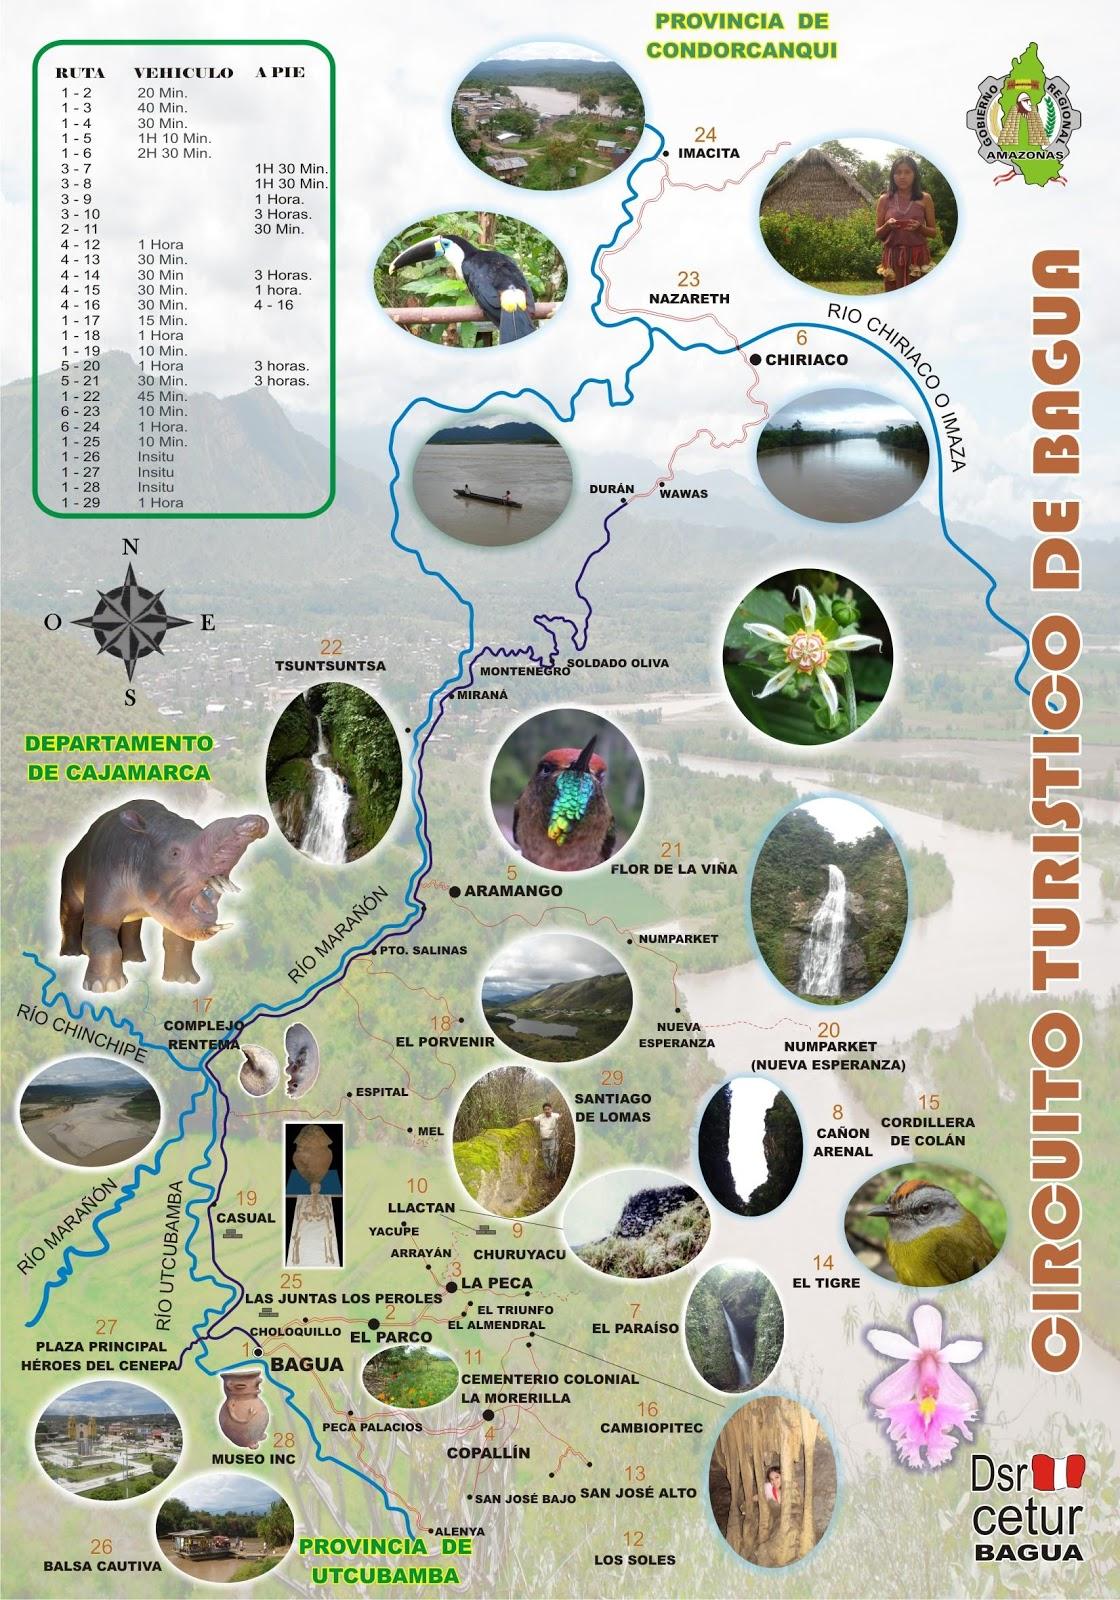 Circuito Turistico : Circuito turÍstico de la provincia de bagua quimeras y